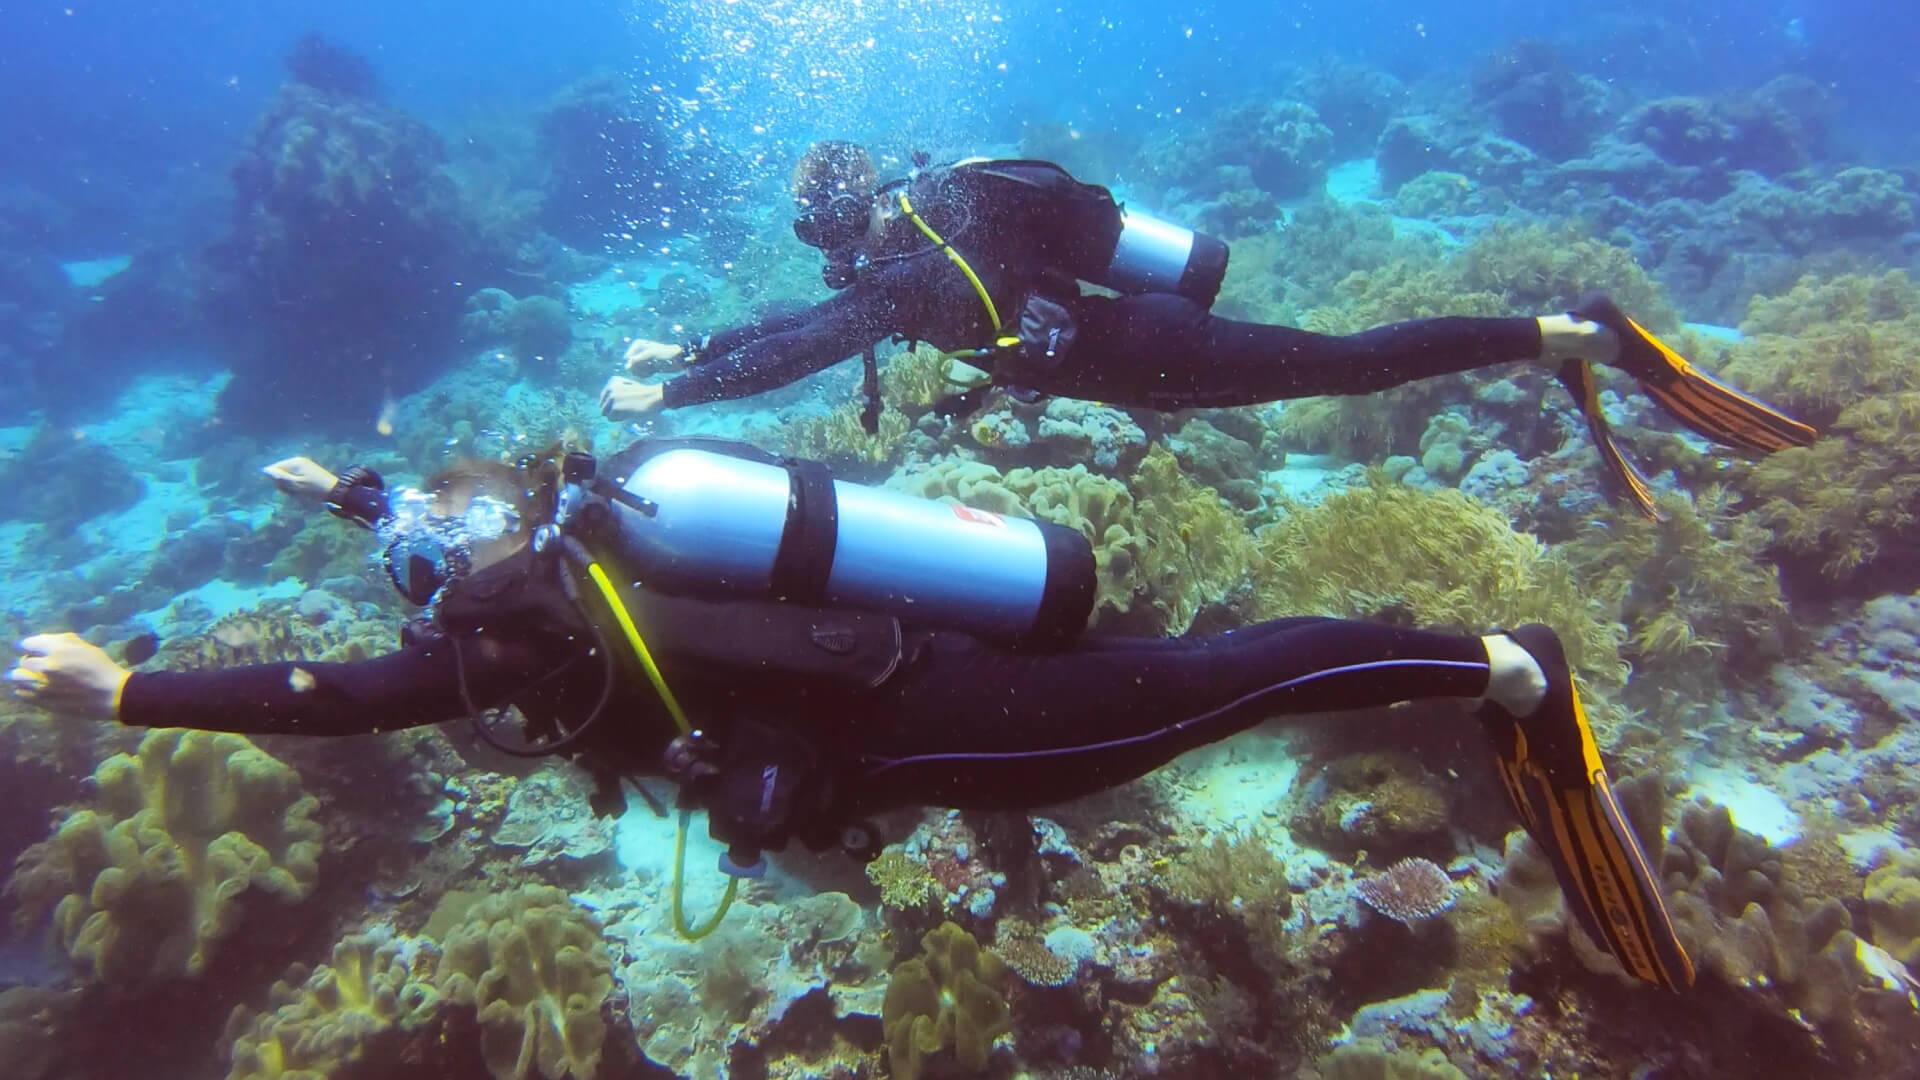 Underwater Warcry